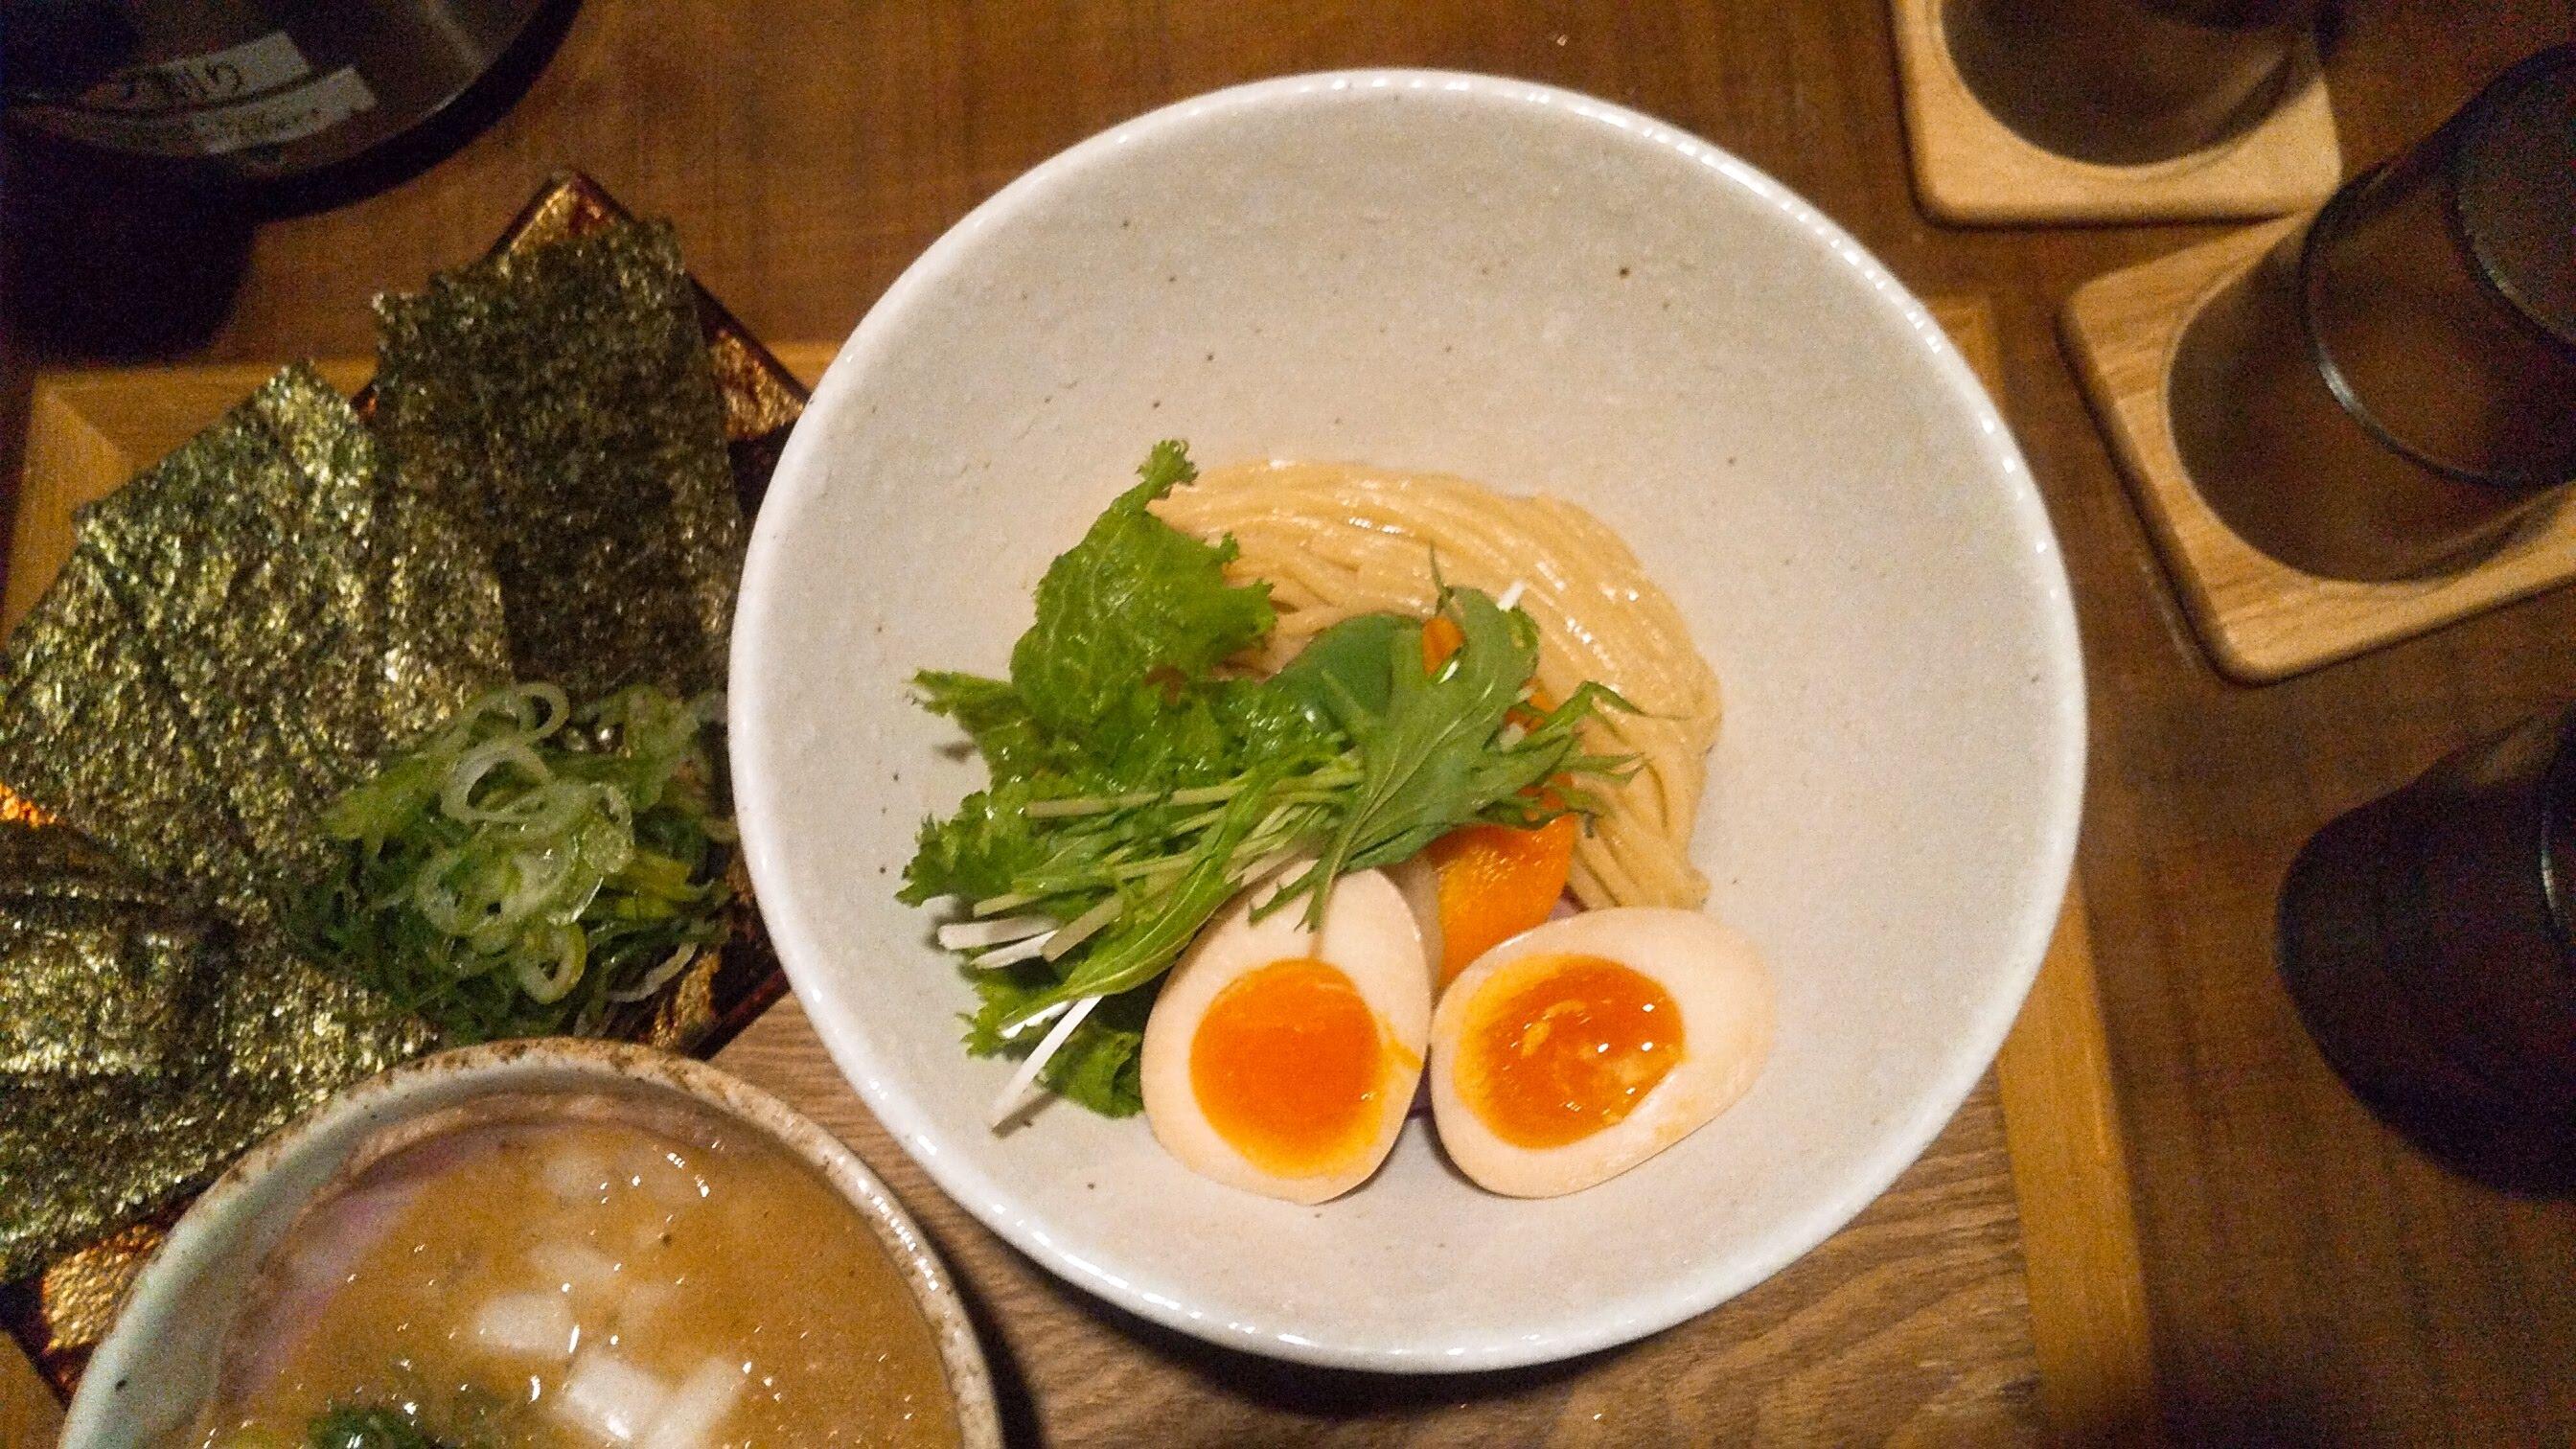 竹川の無添加つけ麺の麺皿写真